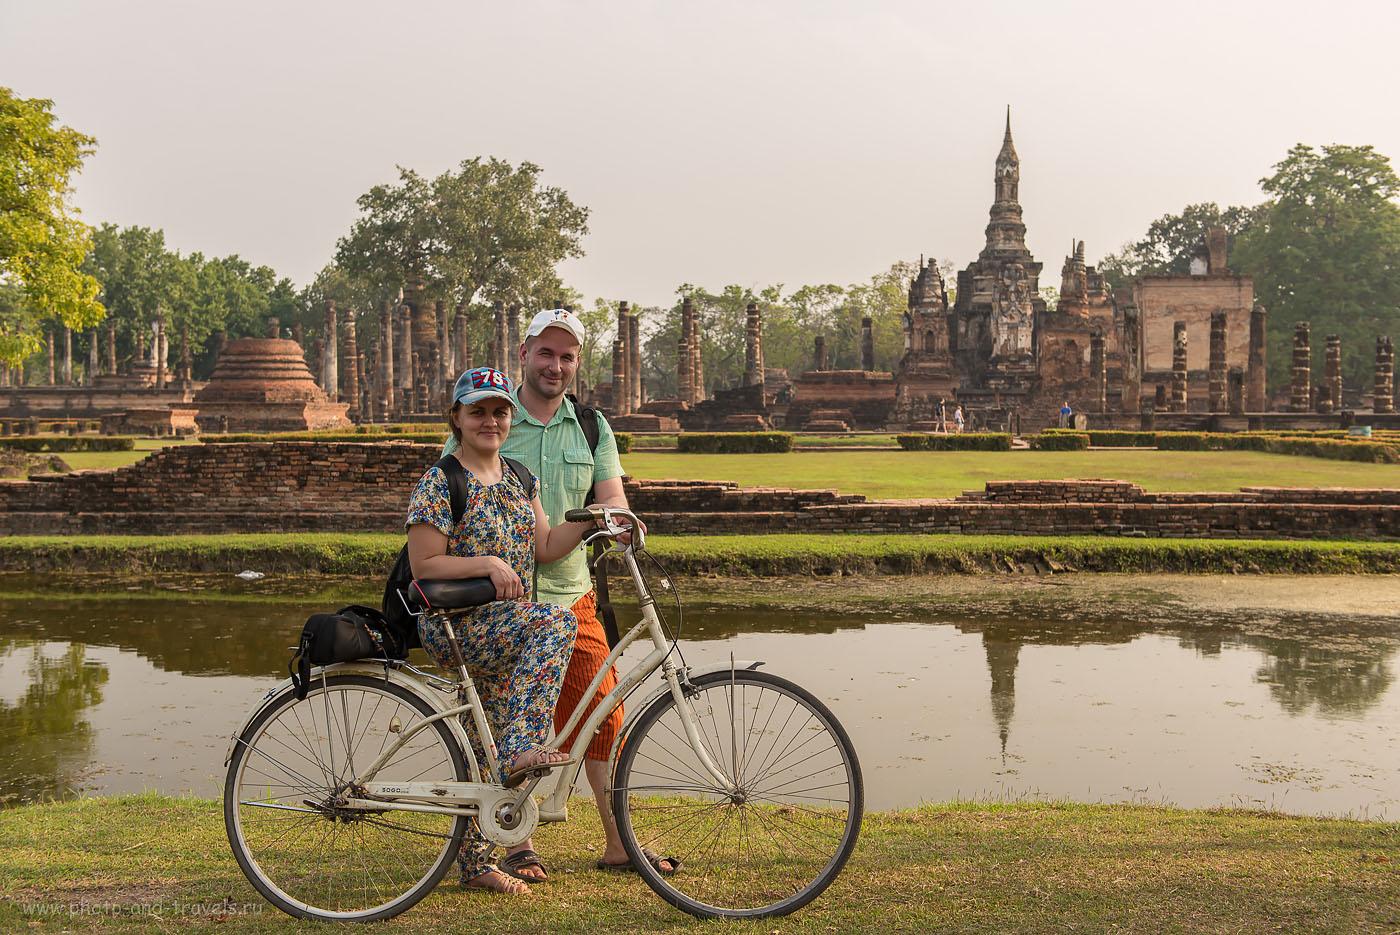 Фото 31. Мы рекомендуем включить в маршрут поездки по Таиланду посещение исторического парка Sukhothai Historical Park. Добраться сюда из Бангкока не так уж сложно, а положительных эмоций получите очень много.